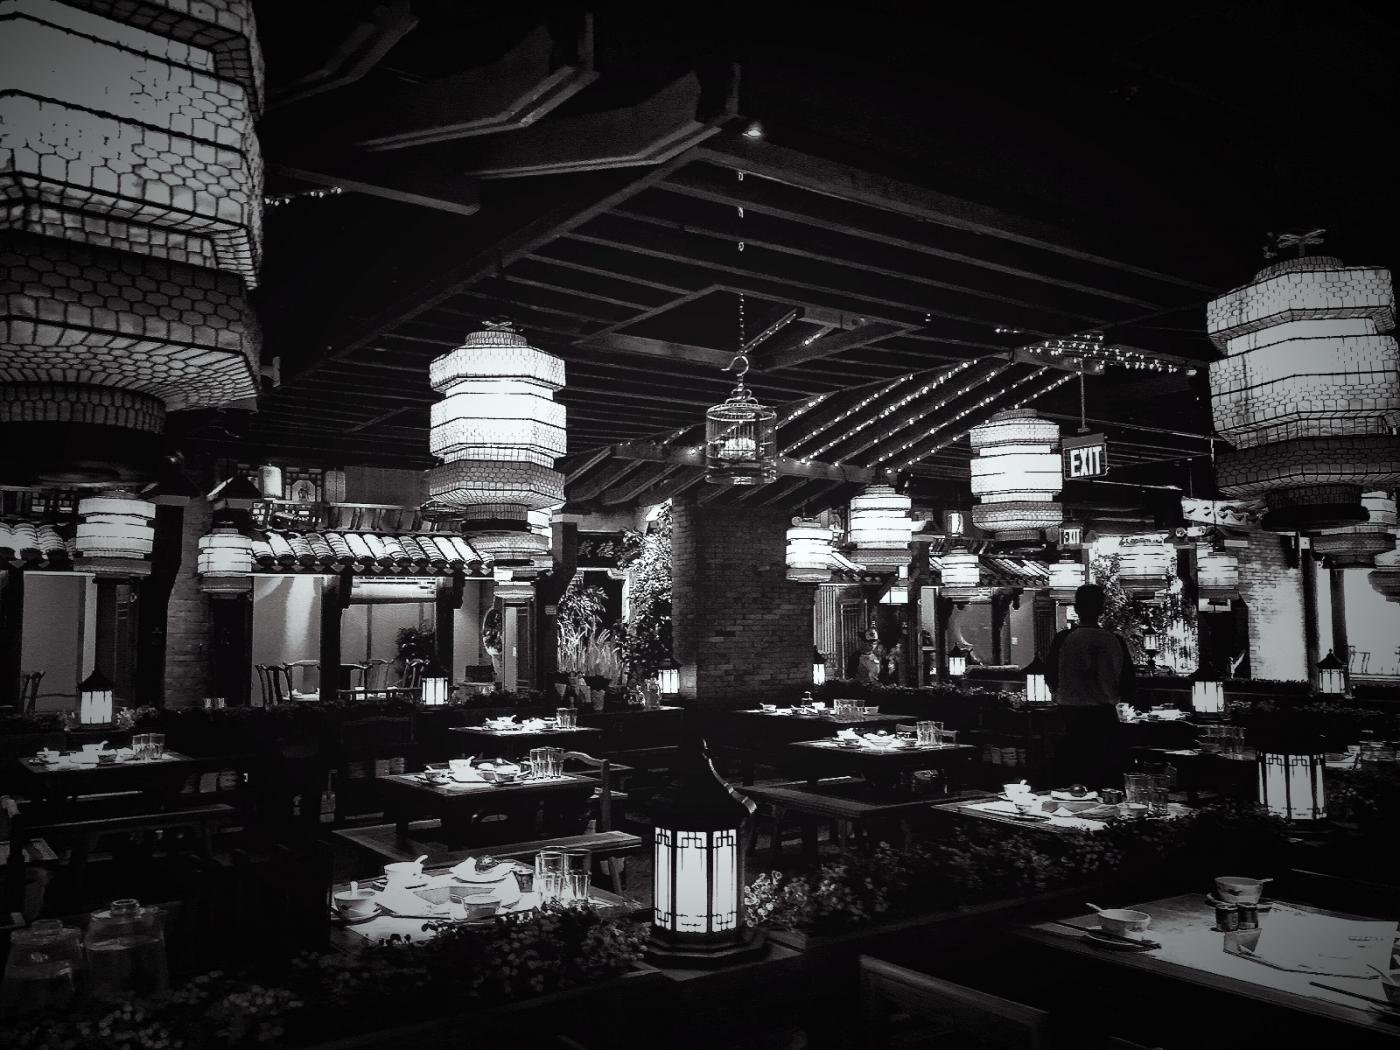 【盲流摄影】纽约法拉盛的中餐馆品味在提升-手机摄影_图1-33